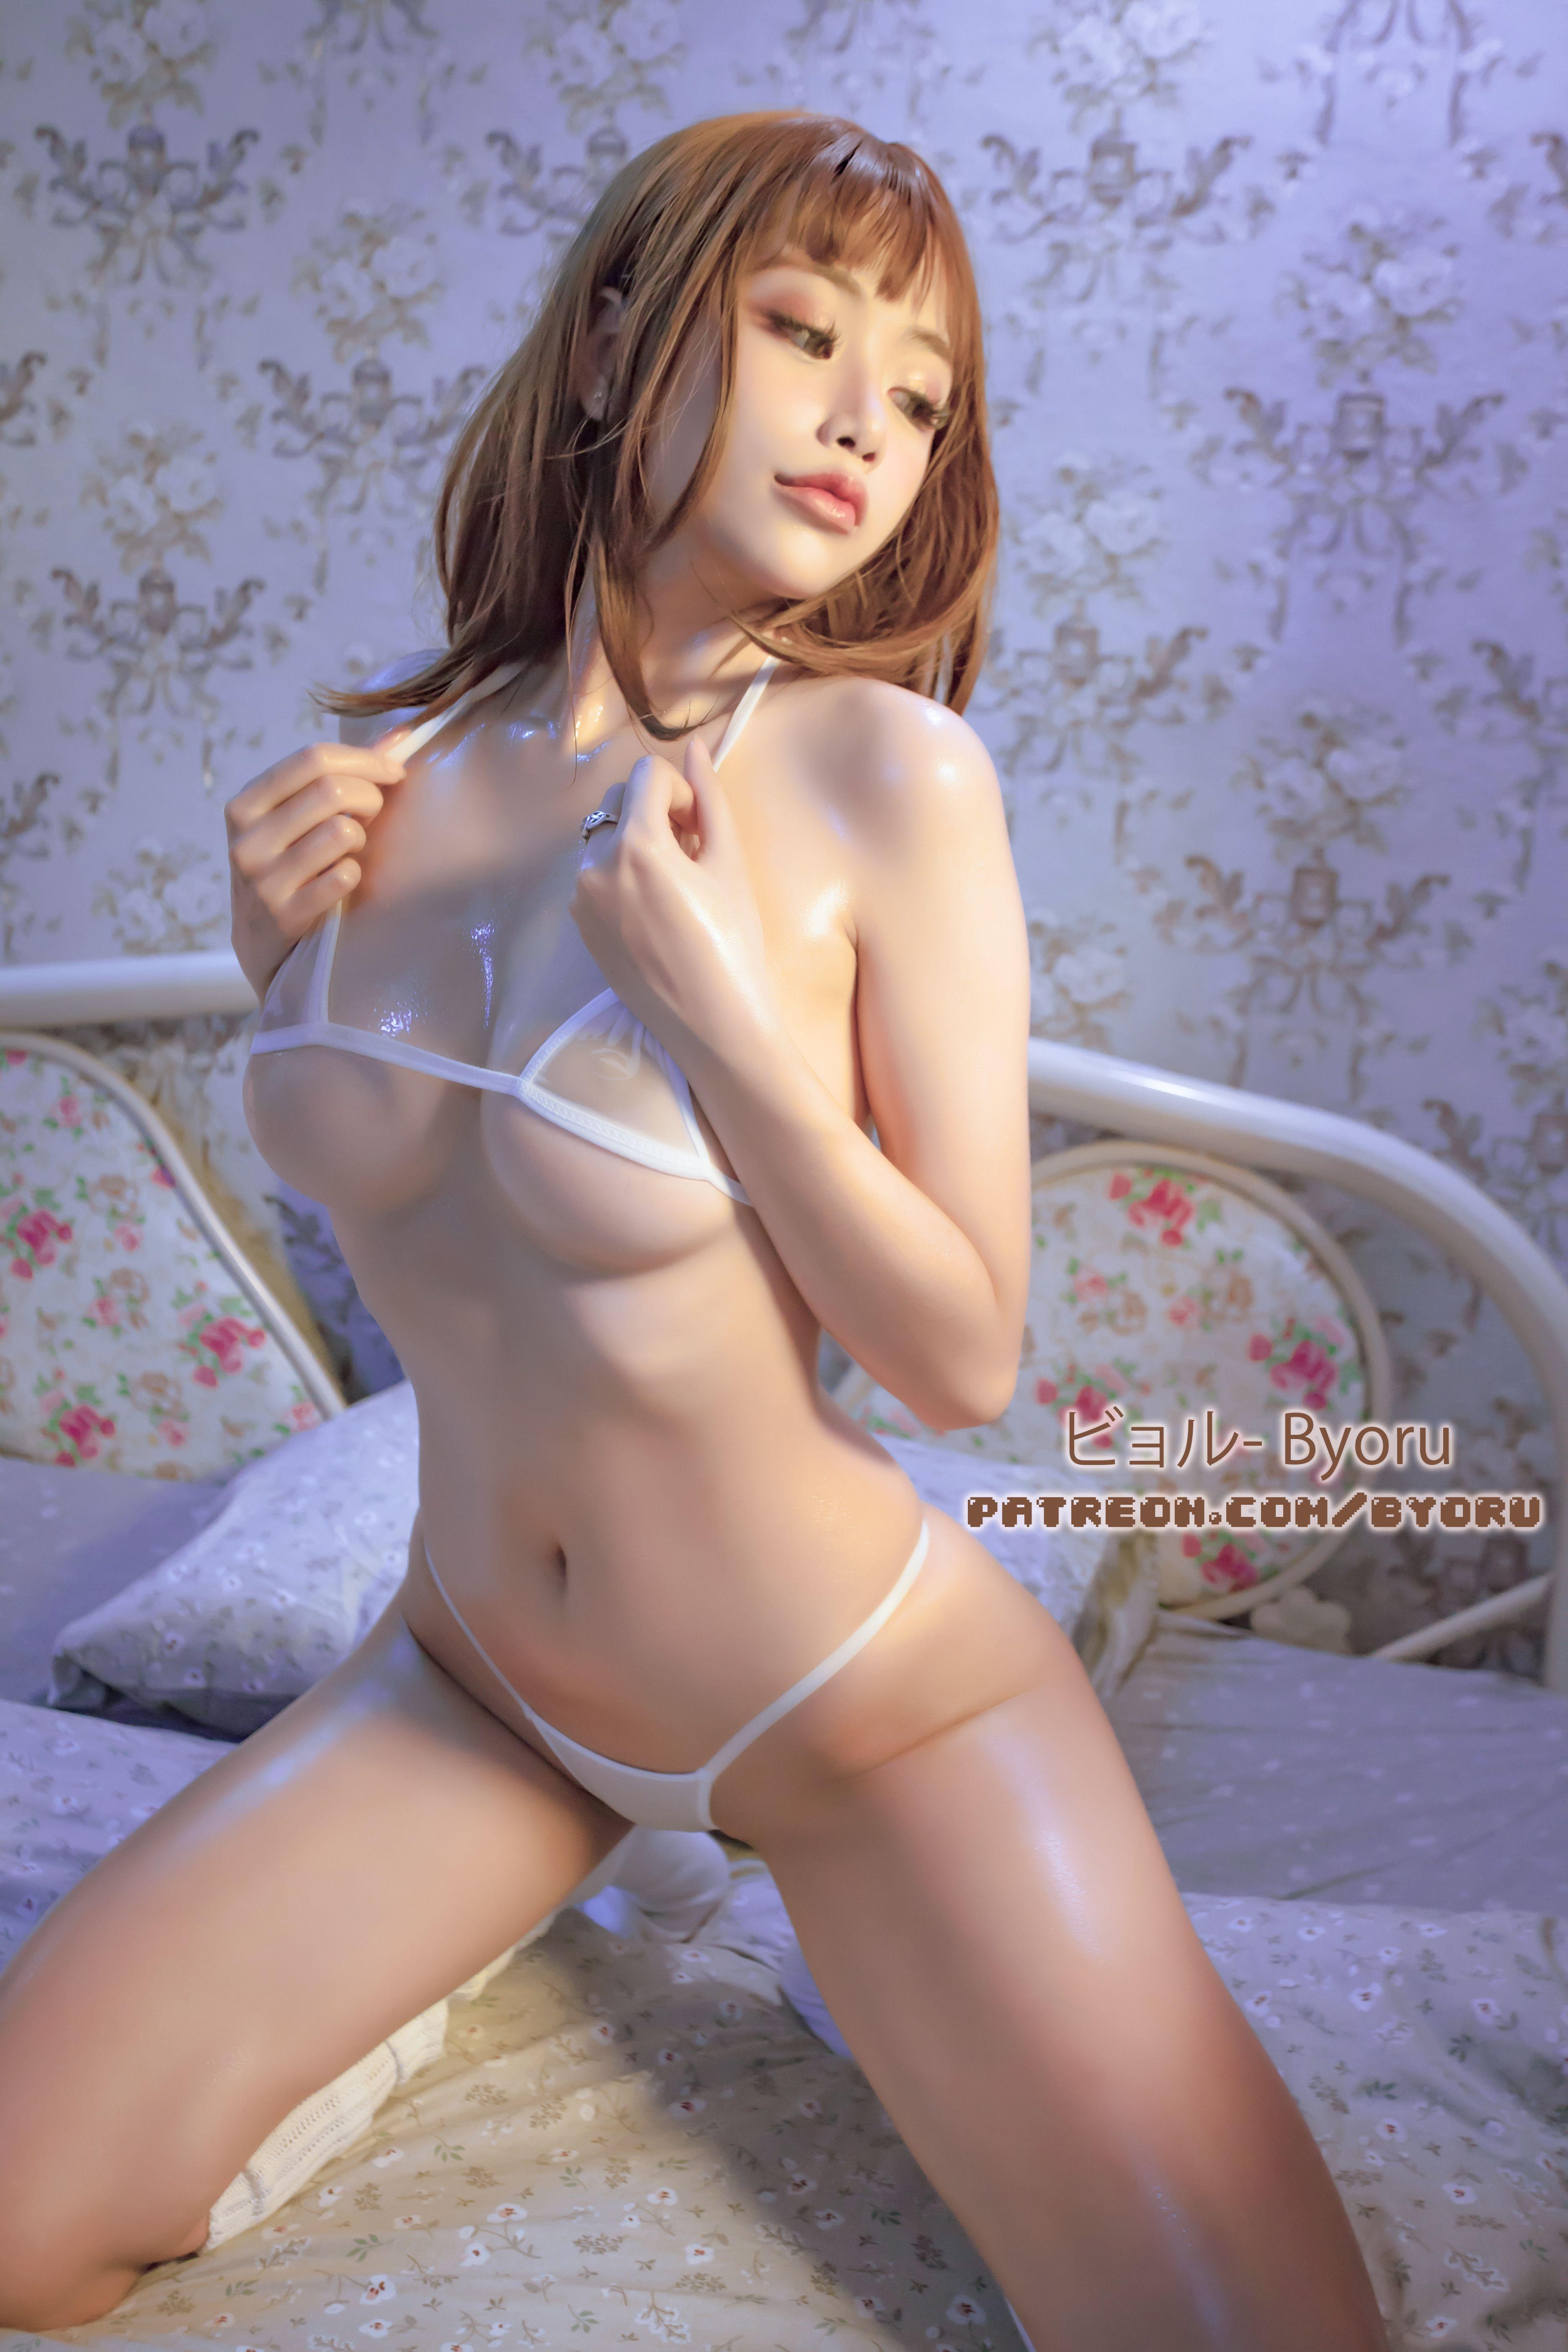 Byoru Oily Lolita 0018